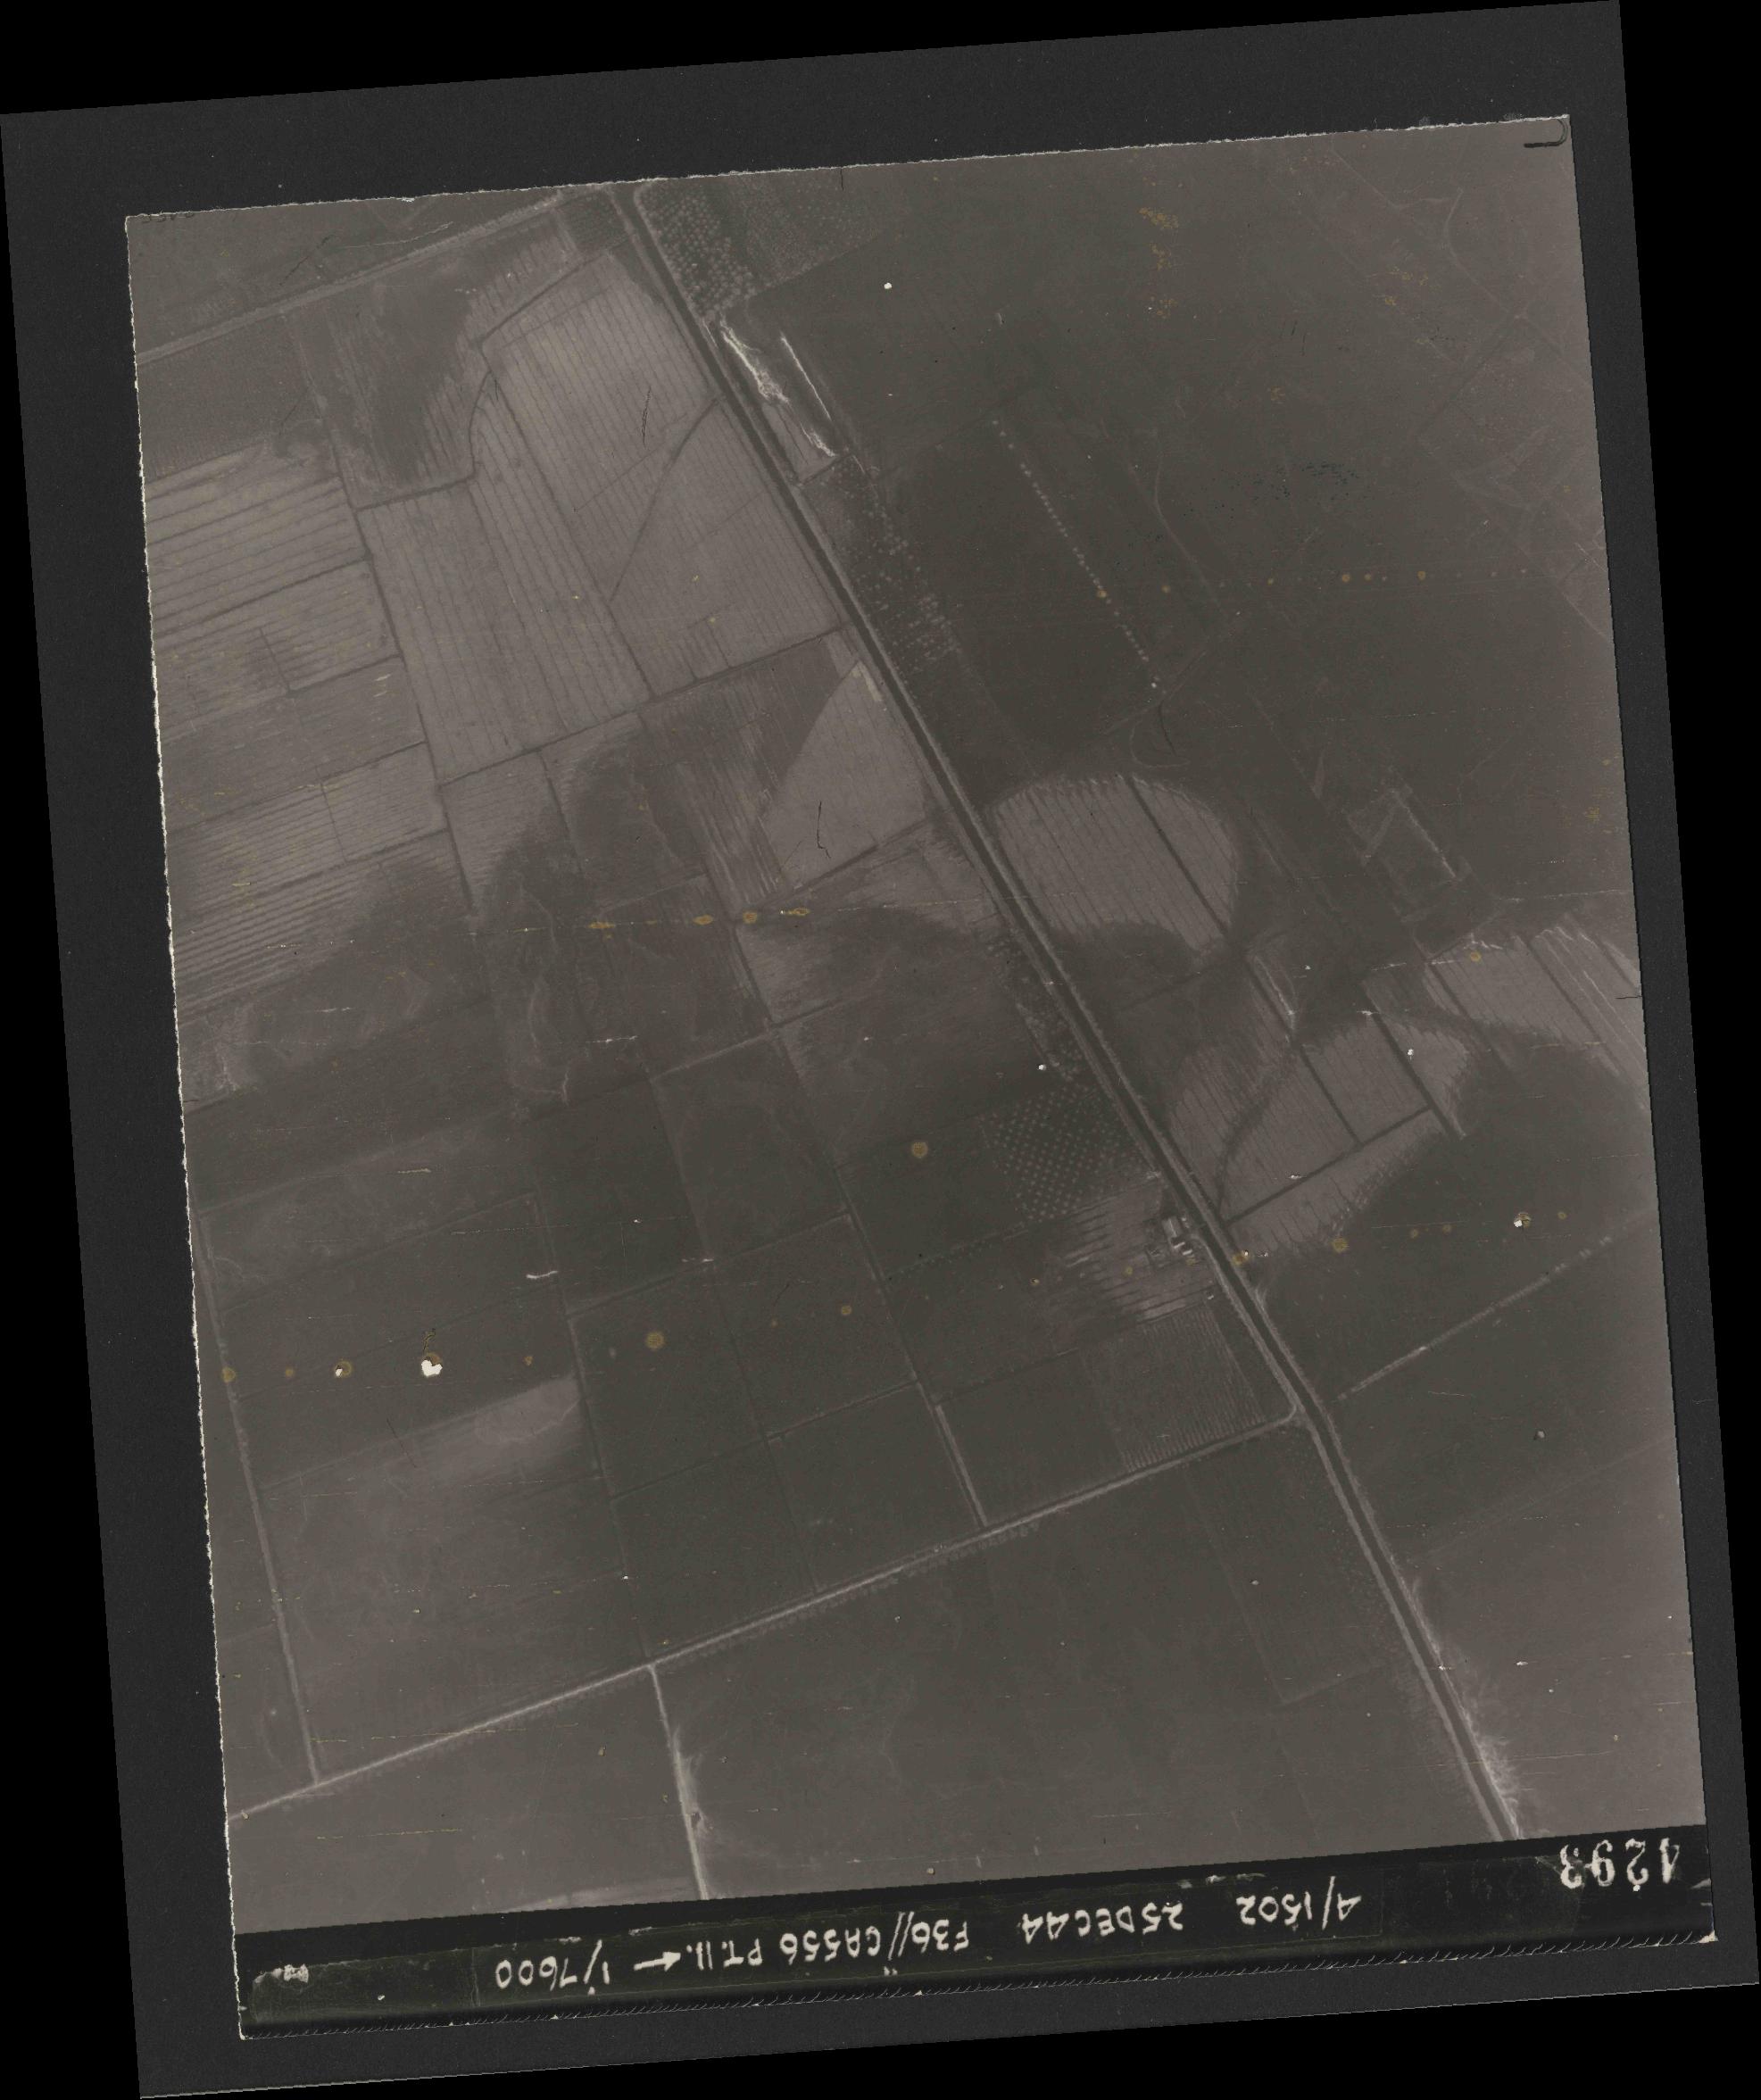 Collection RAF aerial photos 1940-1945 - flight 306, run 09, photo 4293